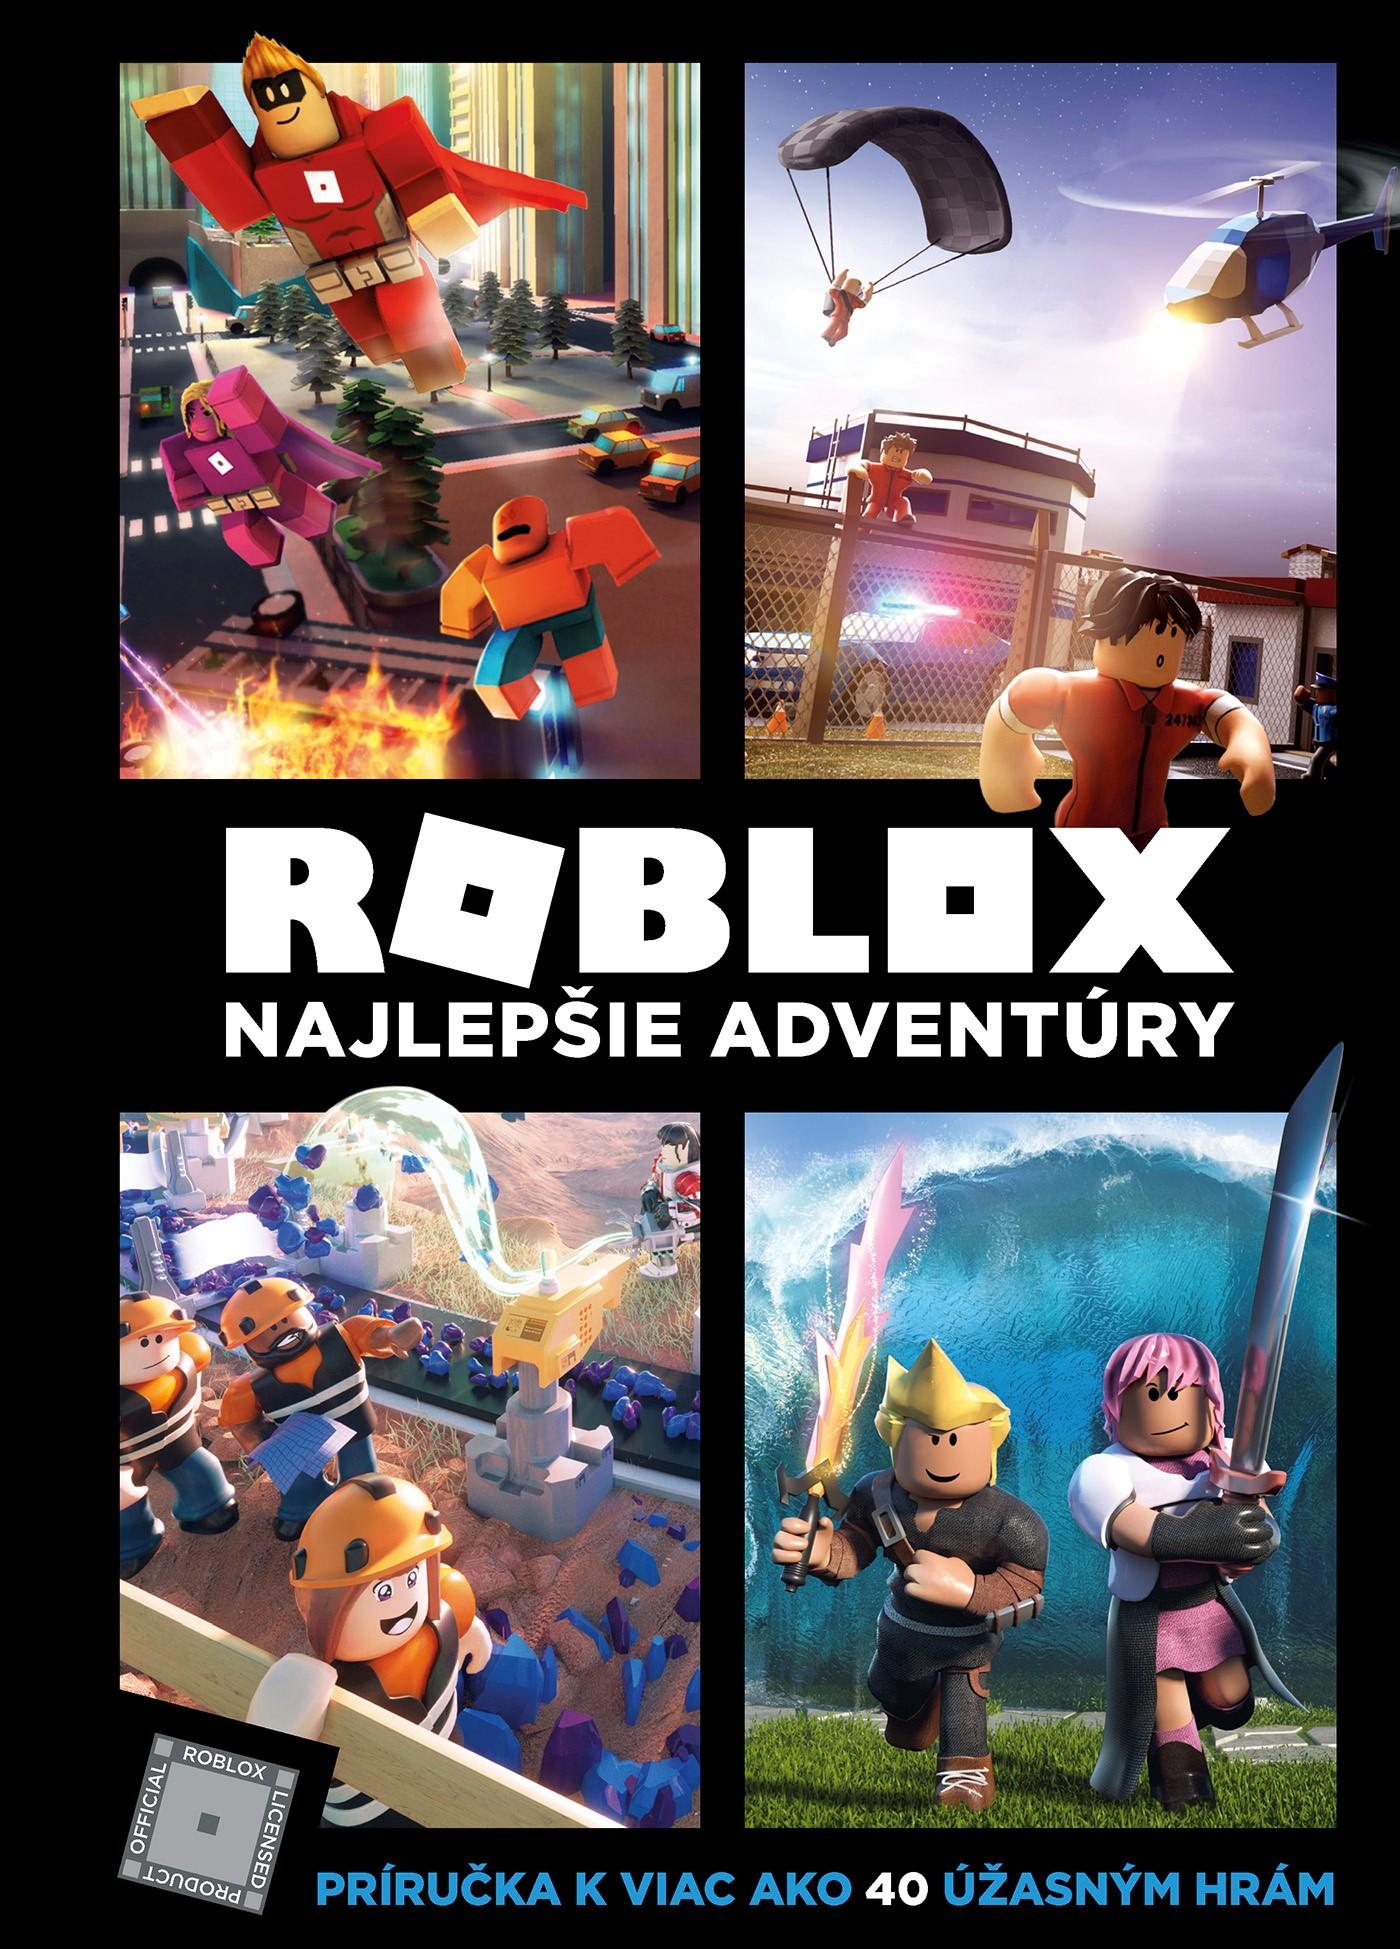 Roblox - Najlepšie adventúry